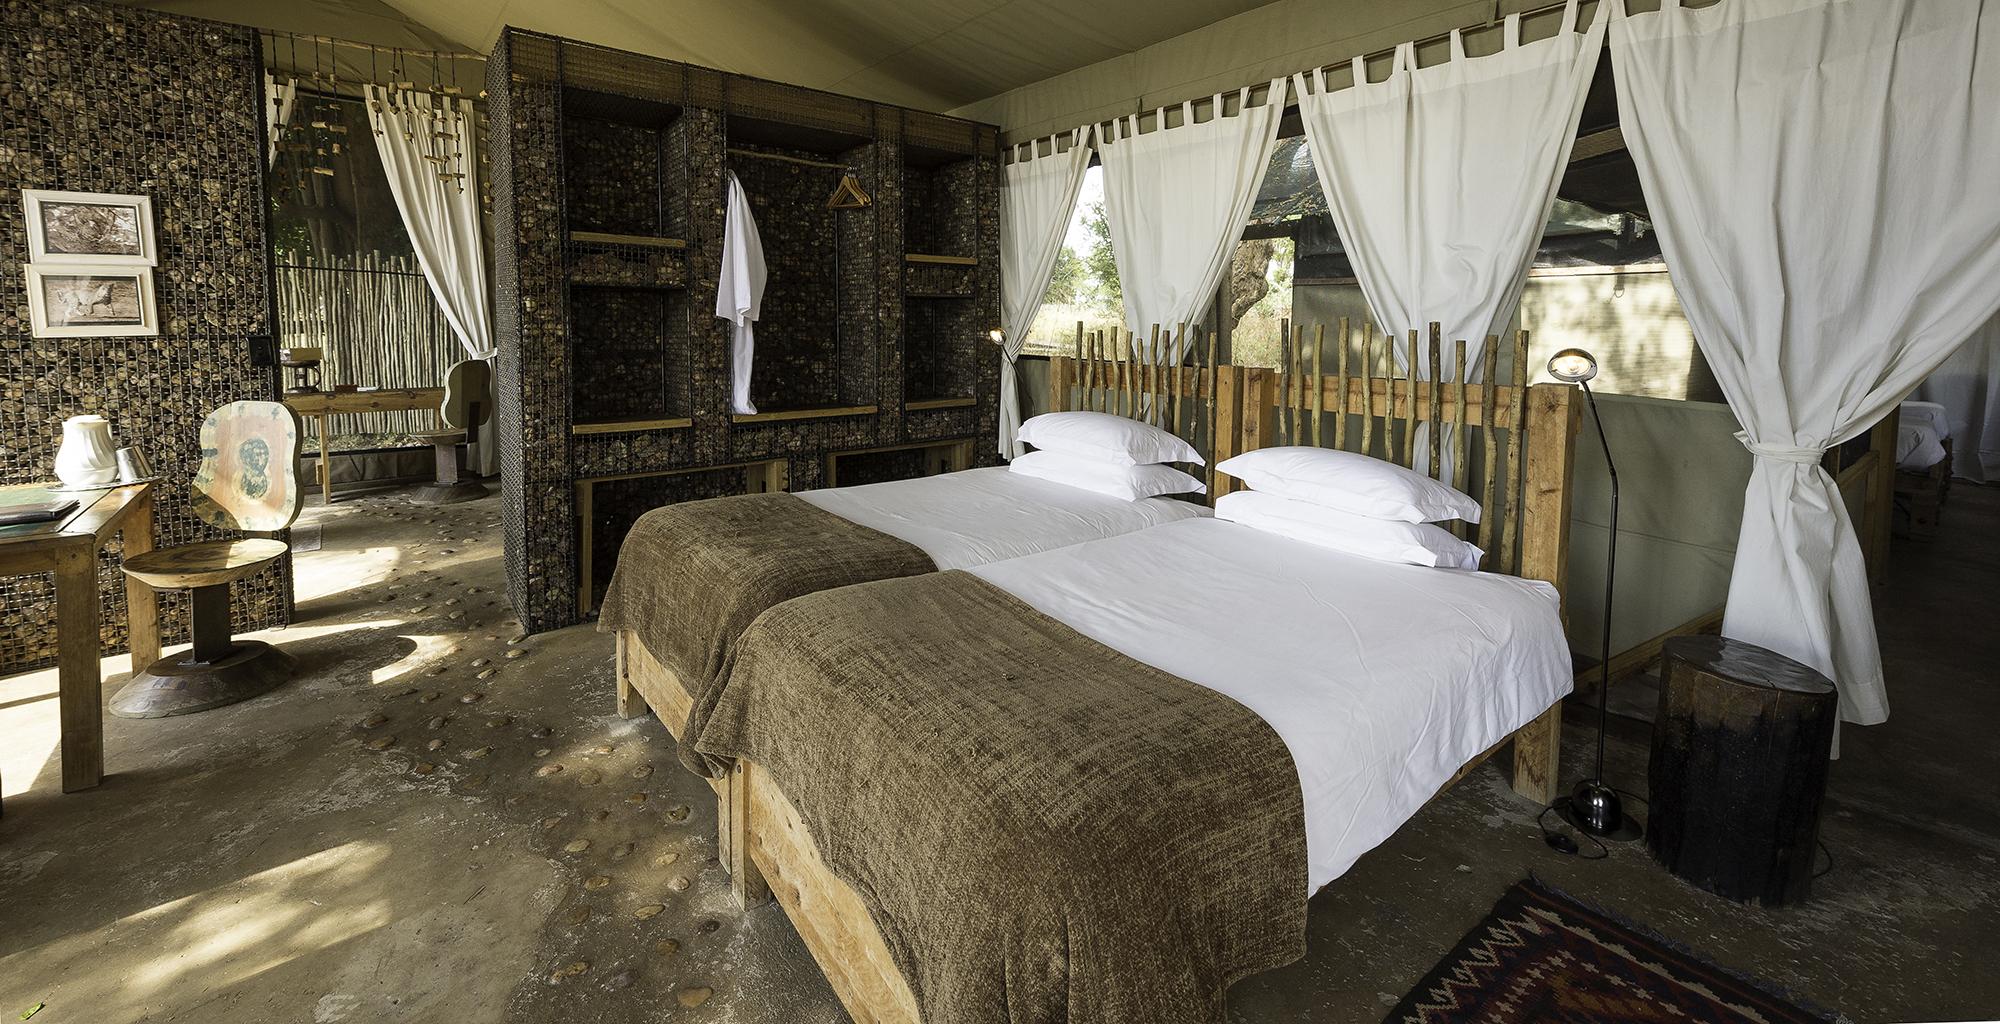 Zimbabwe-Ruckomechi-Bedroom